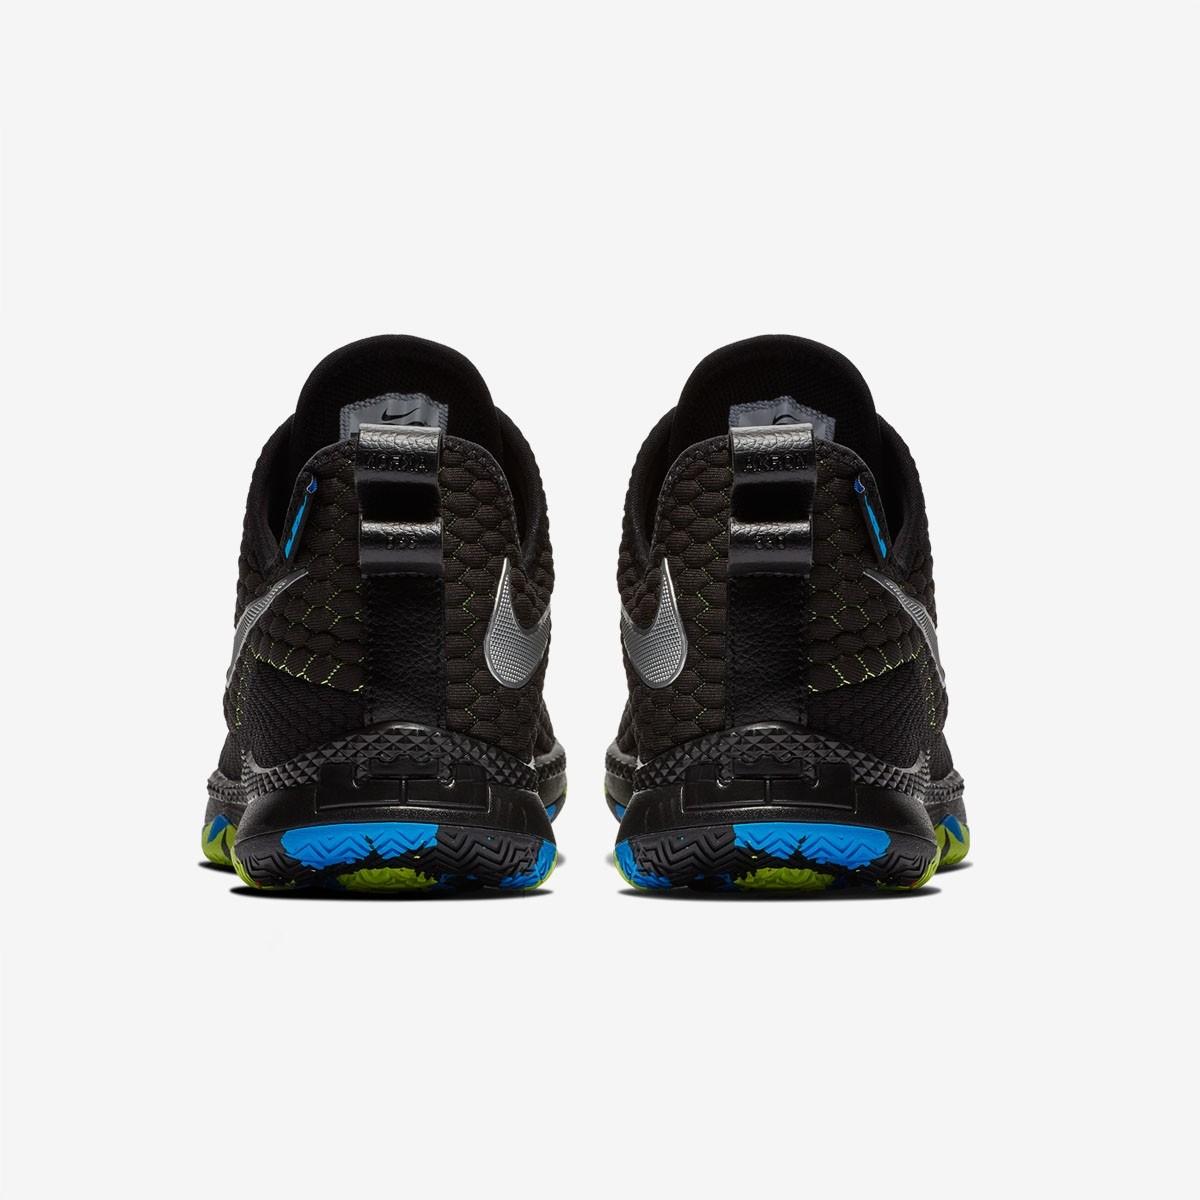 Nike Lebron Witness III 'I Promise' AO4433-009